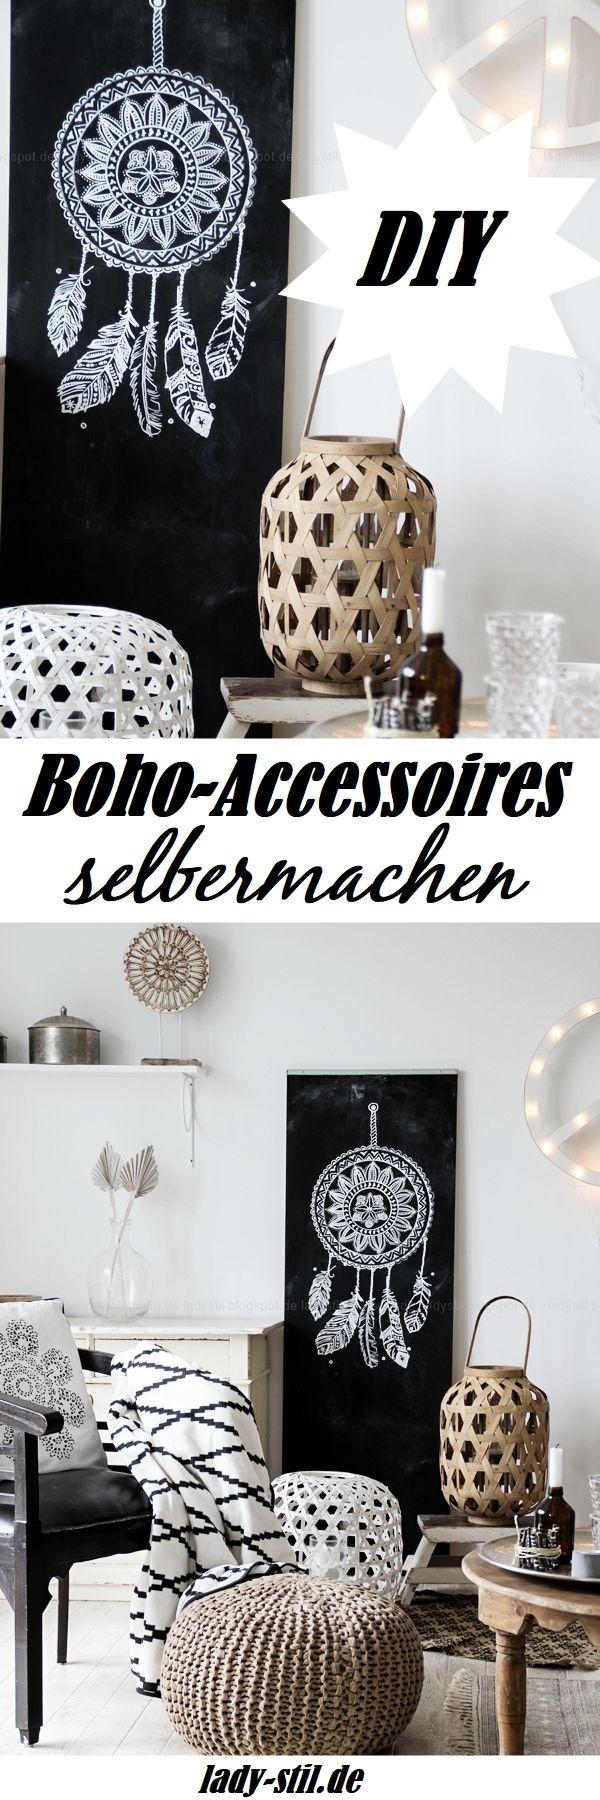 Boho Accessoires einfach selbermachen! Tolles DIY mit WOW-Effekt! Traumfänger a… – Lady Stil Blog